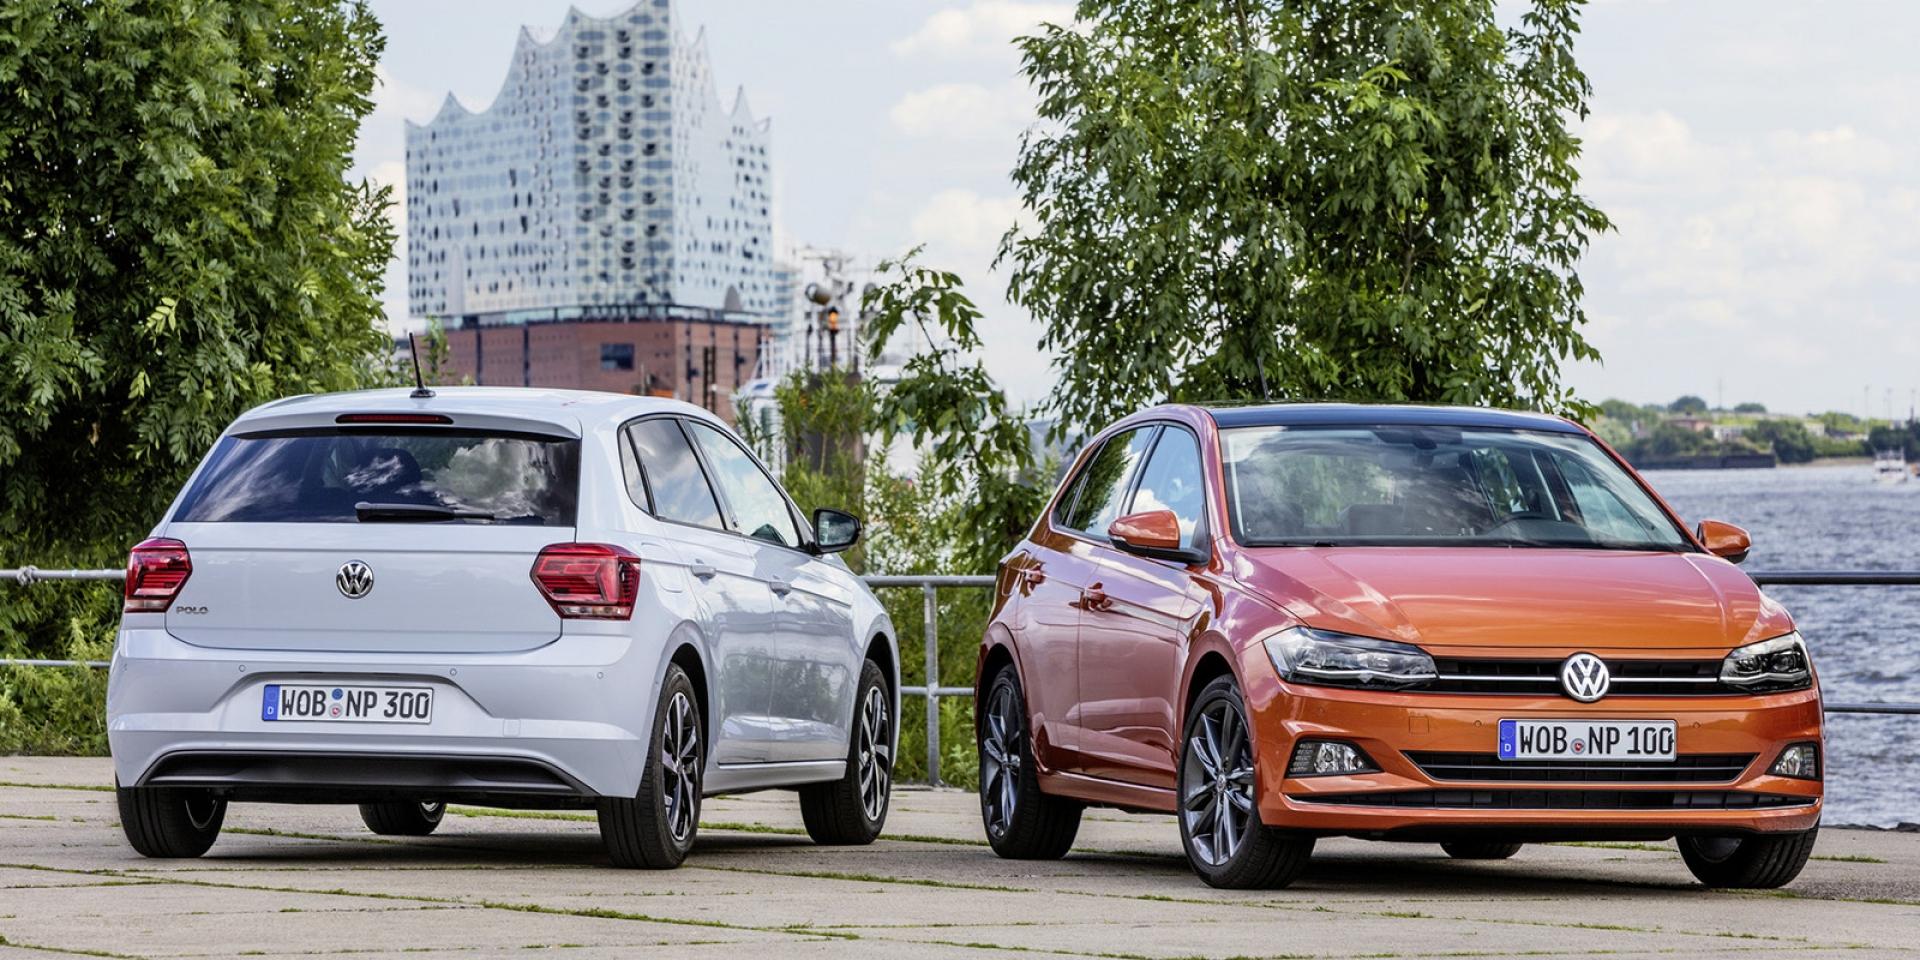 官方新聞稿。2019年式Volkswagen Polo 增列Highline車型 特別推出貨物稅限時搶先優惠價 限時69.8萬起